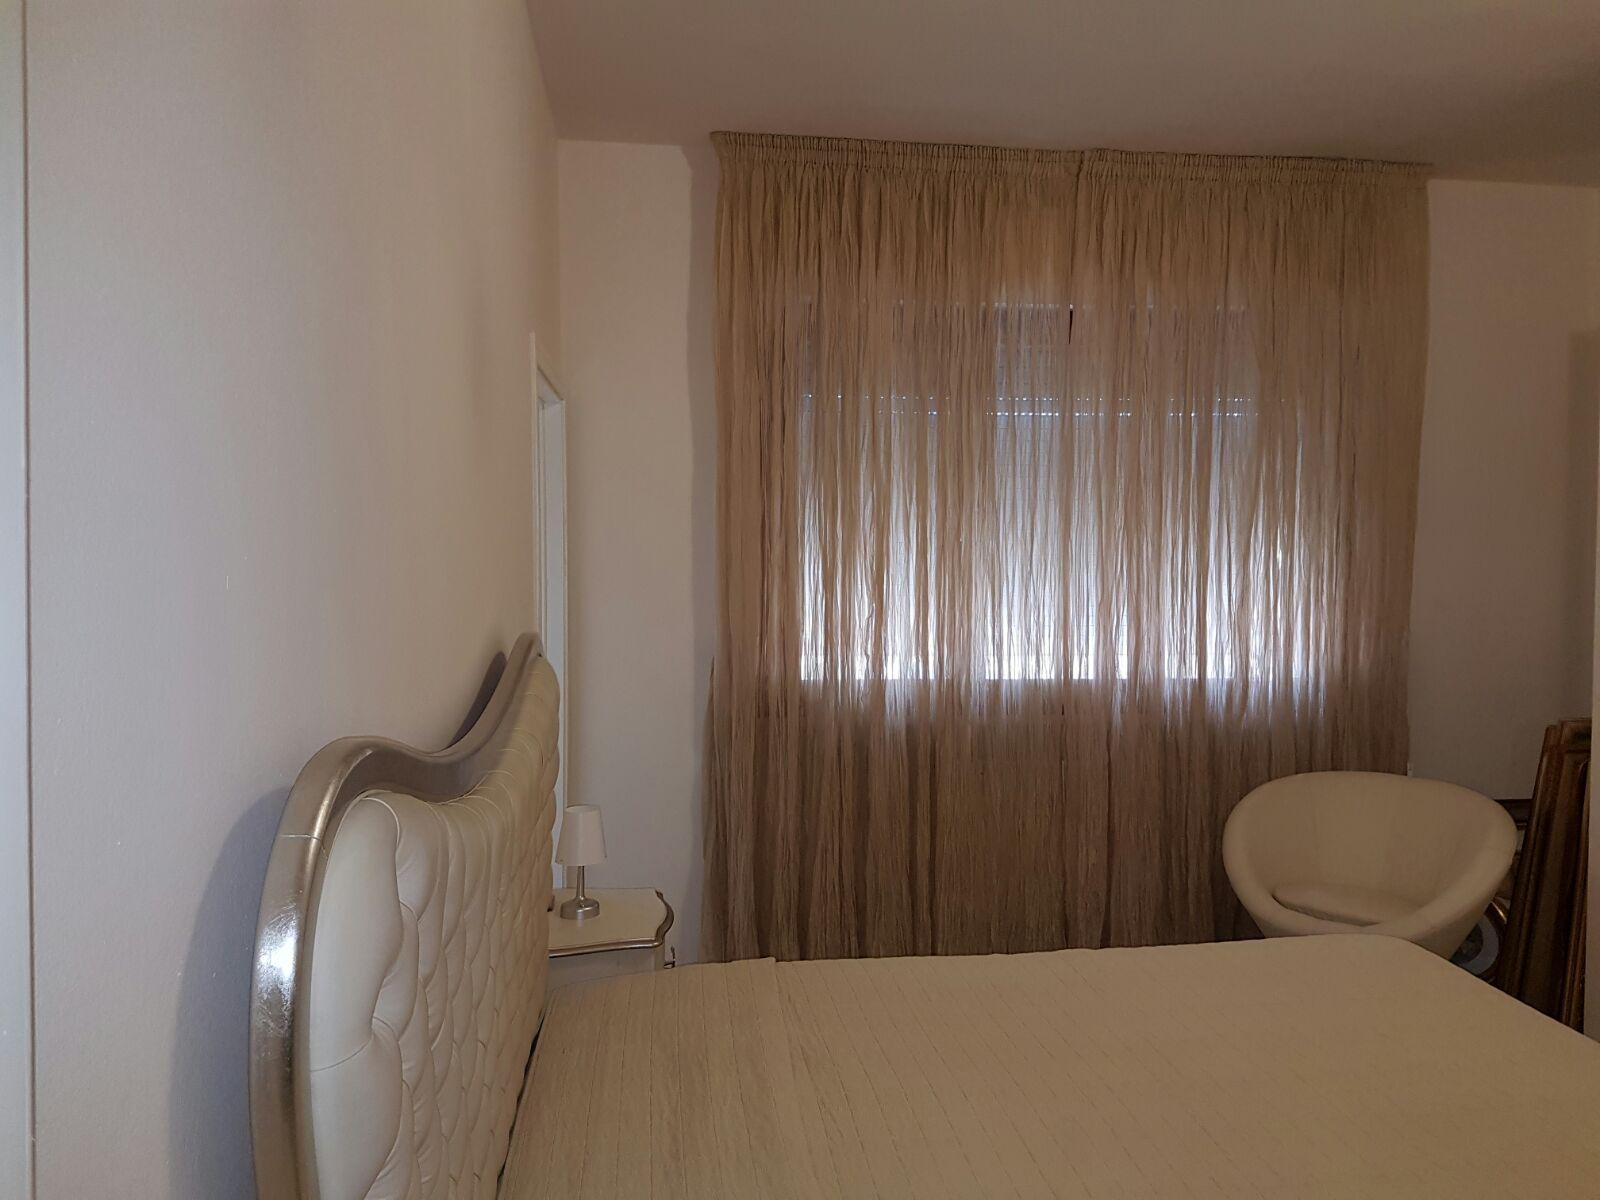 Modelli di tende per interni descrizione e foto di modelli di tende - Foto tende camera da letto ...